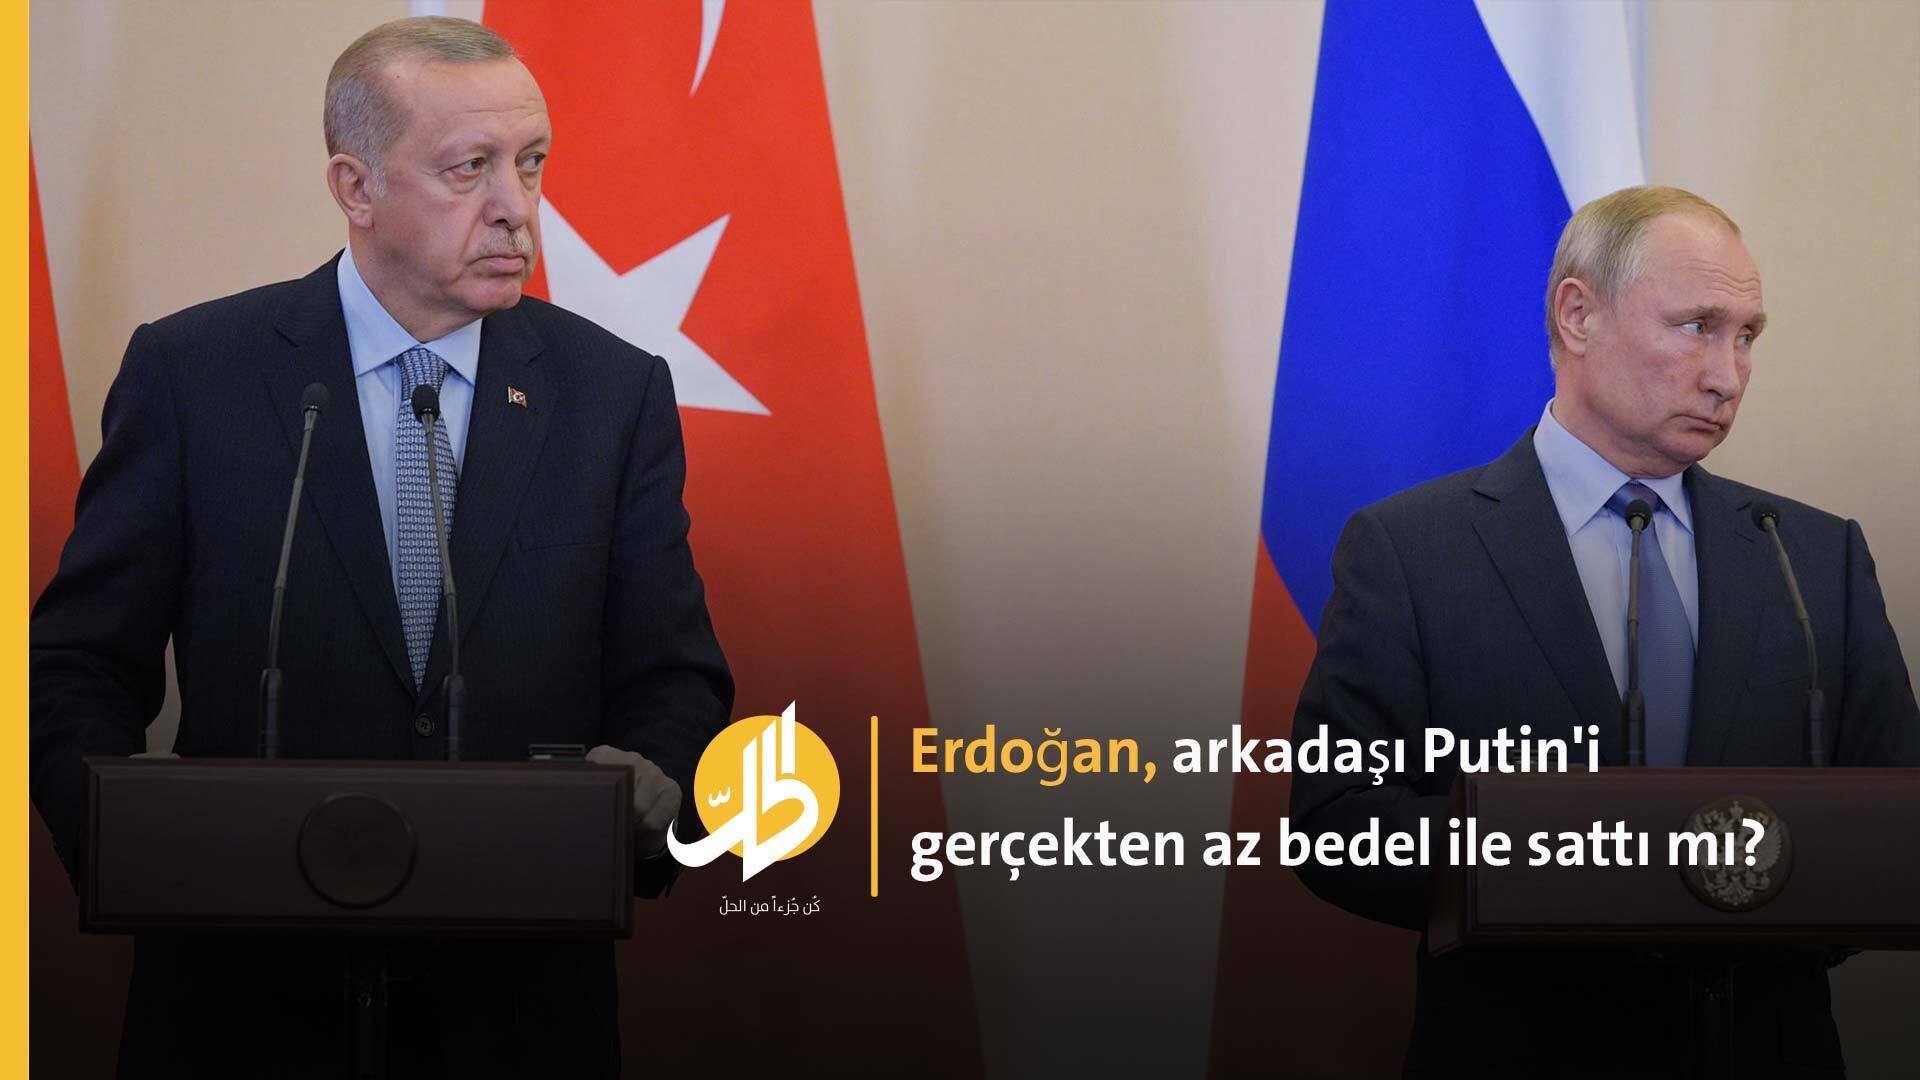 Rusya, Erdoğan'ın ihanetine nasıl misilleme yapacak? Putin'in stratejisinin ilk aksilikleri